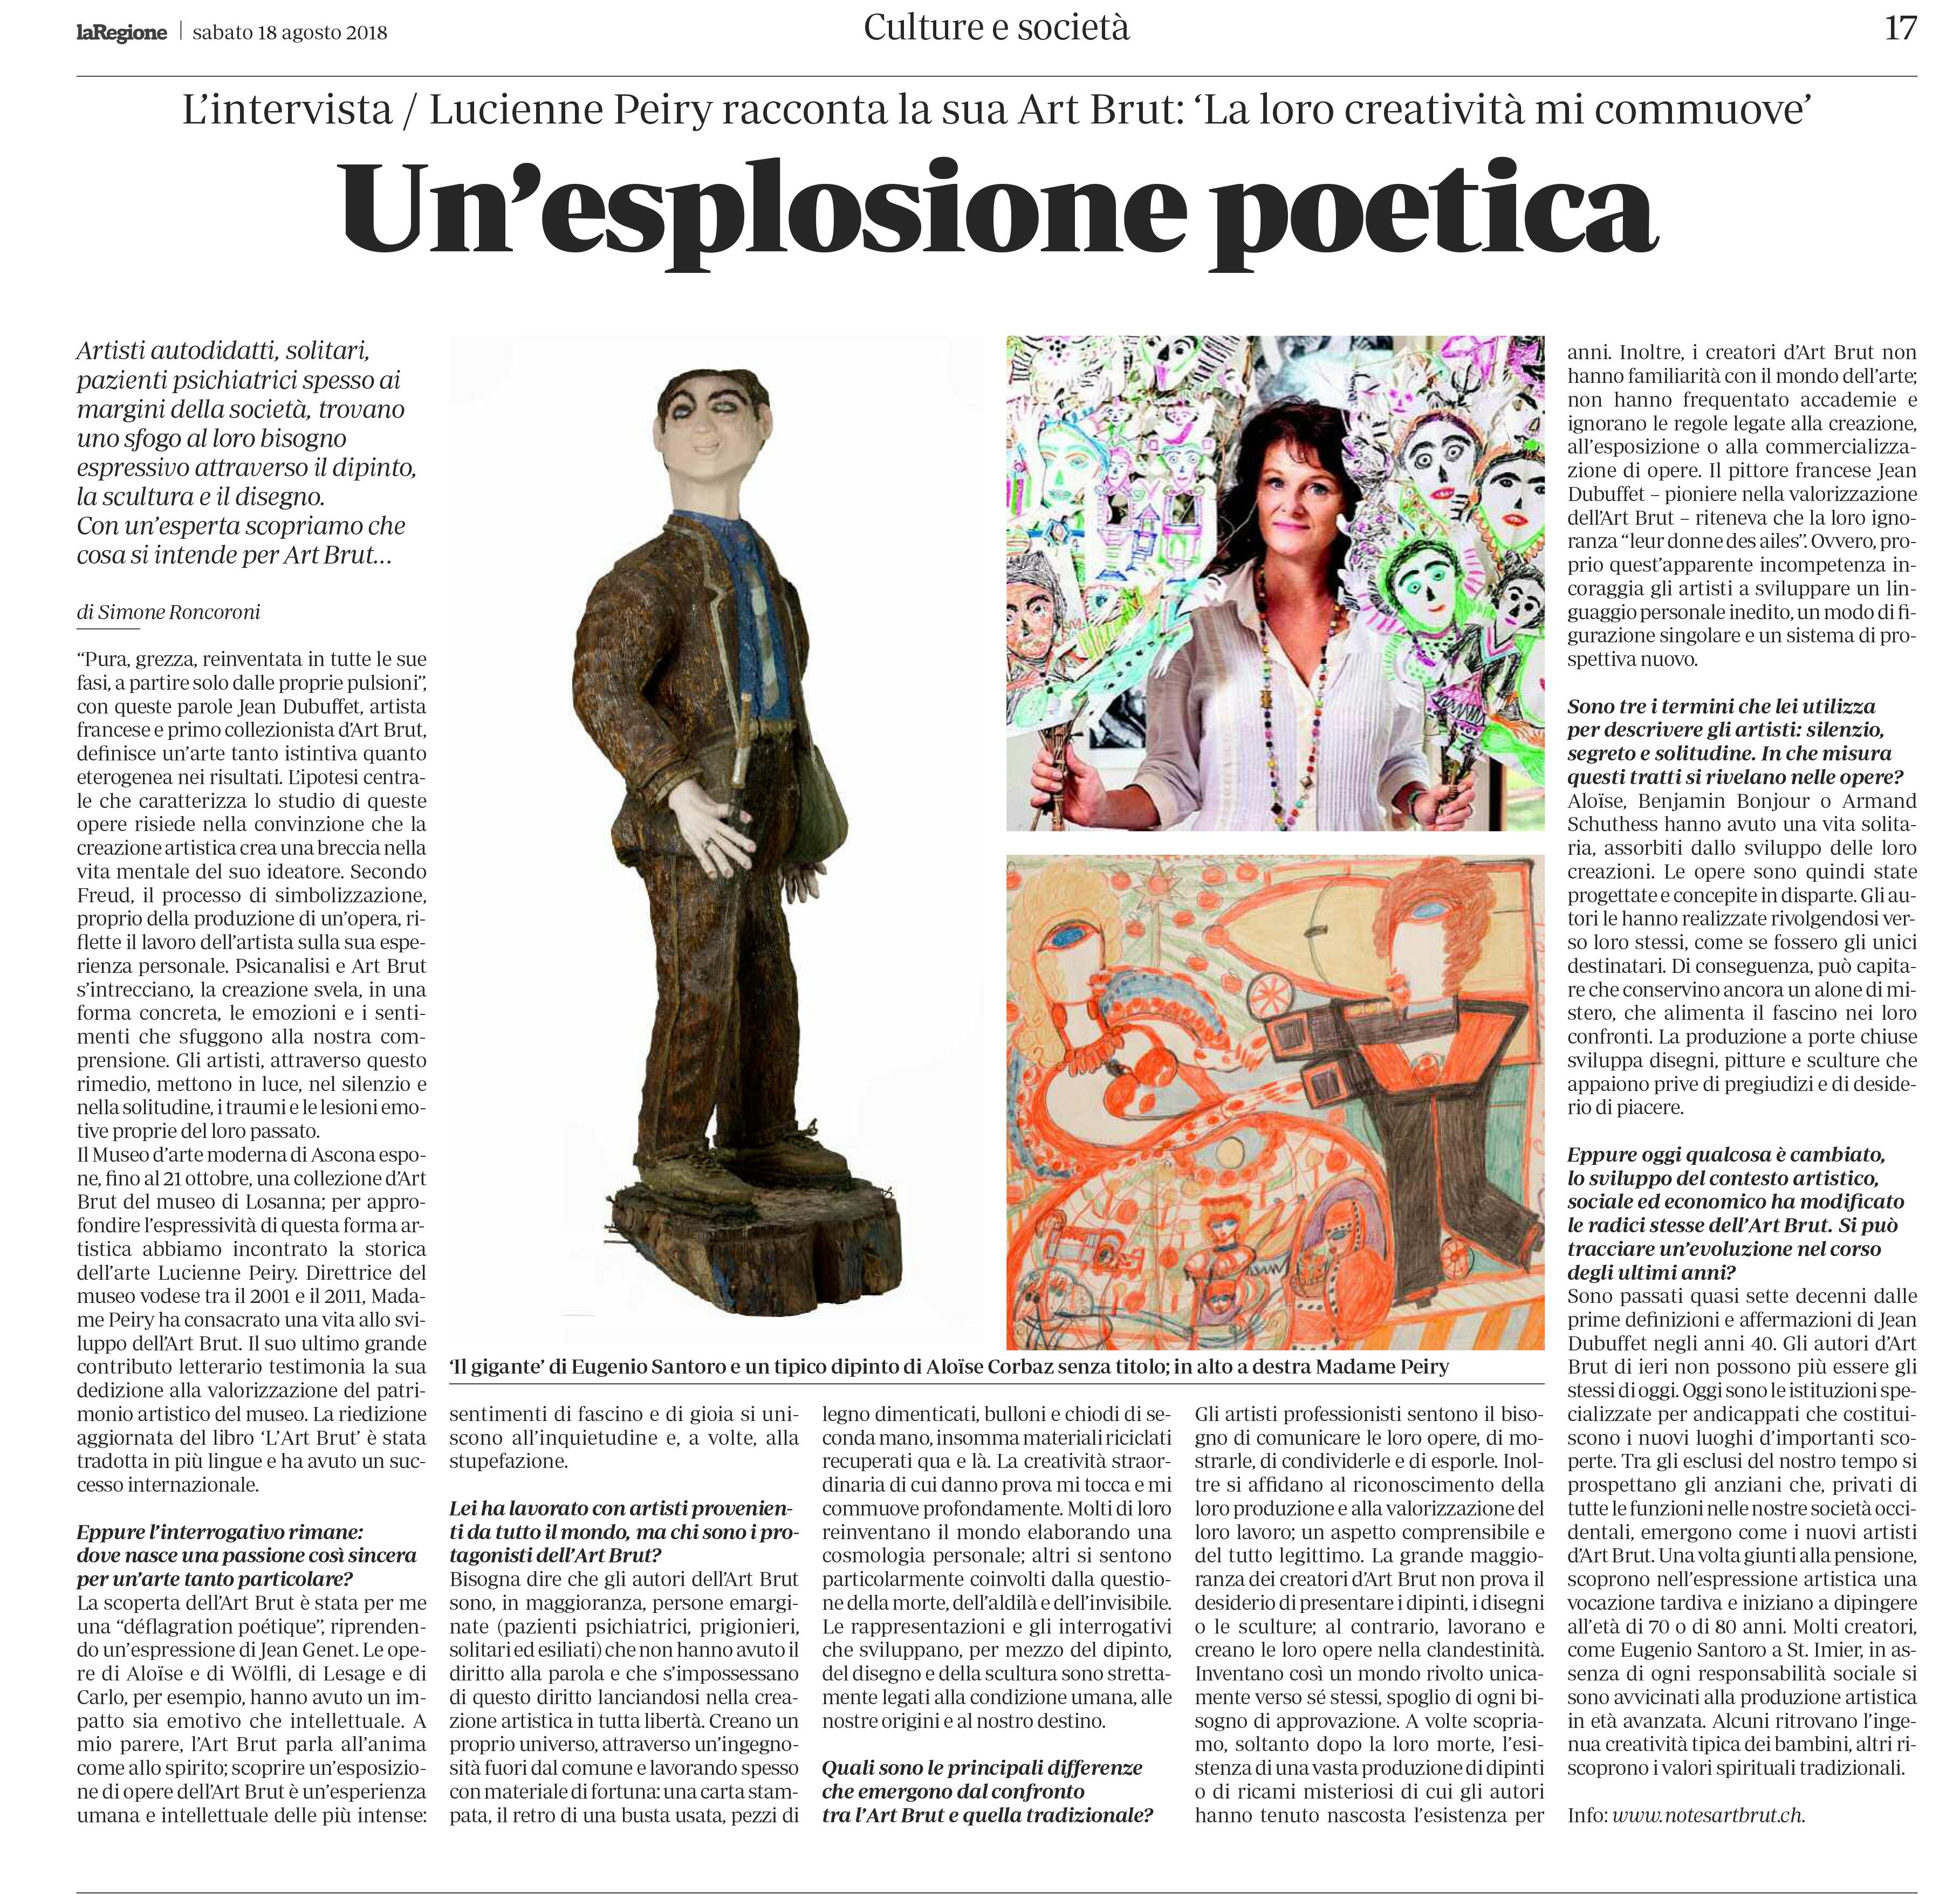 Article du journal La Regione, paru le 18.08.2018